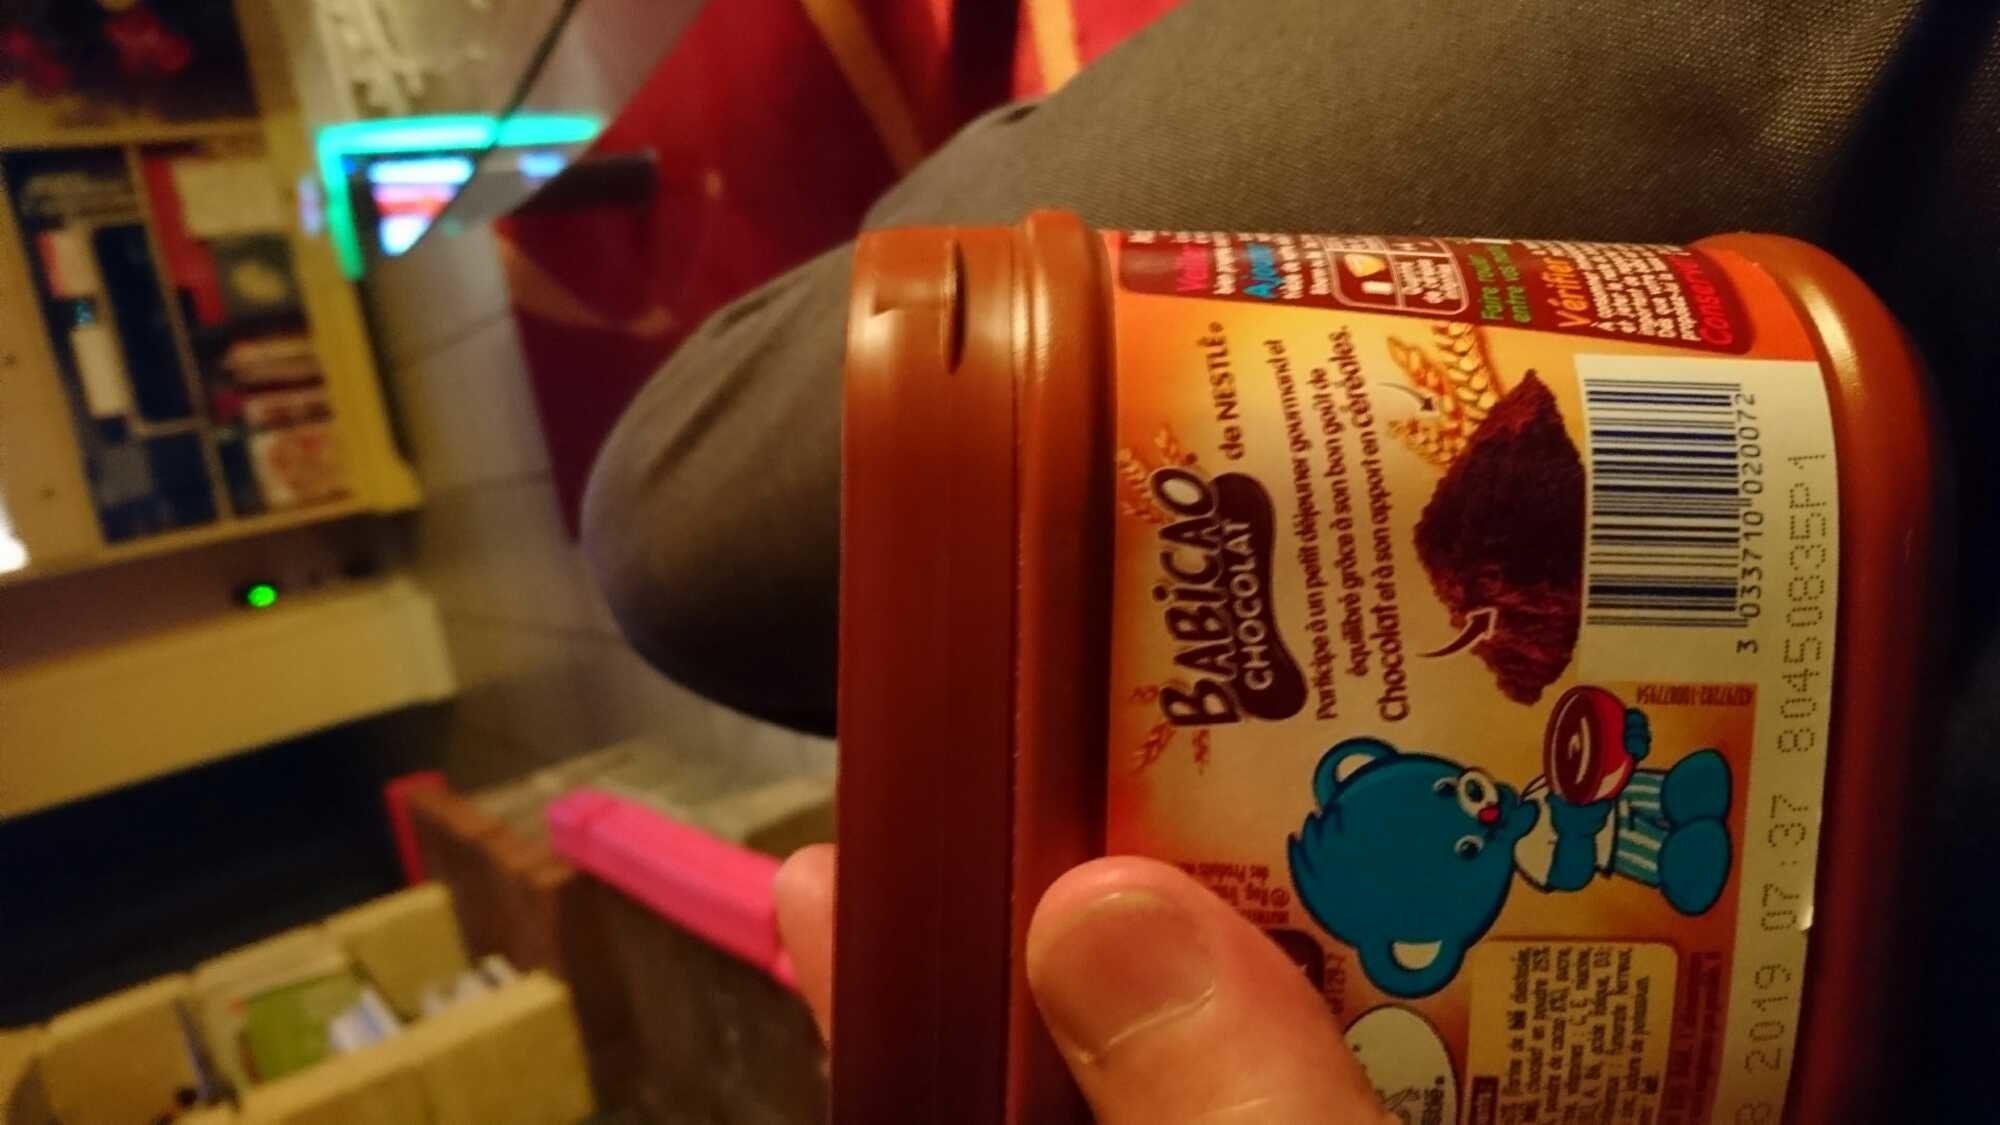 Babicao chocolat - Product - fr